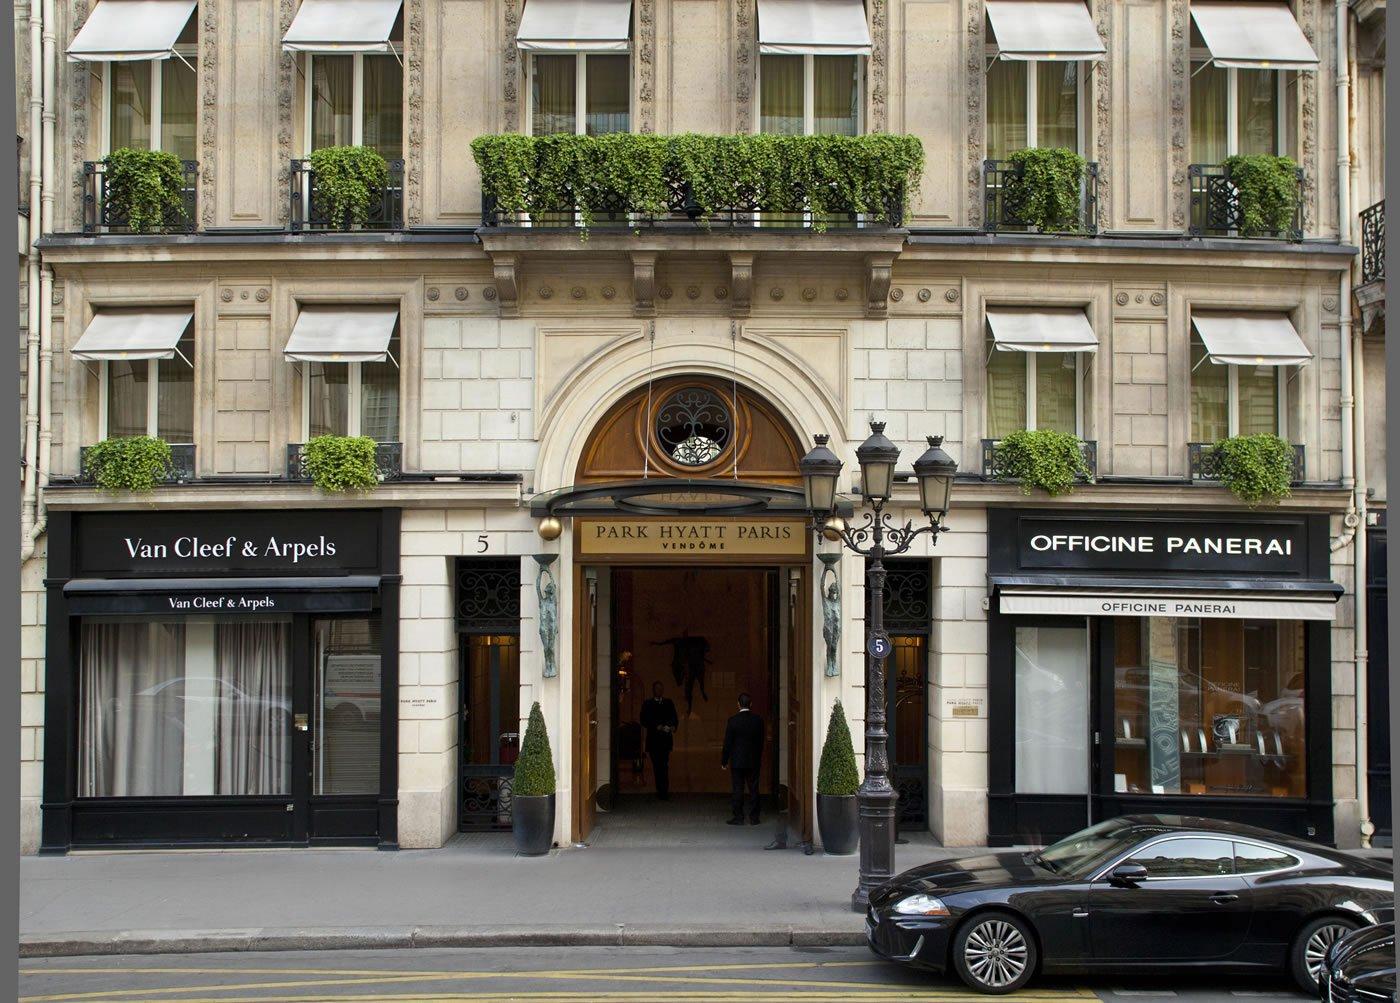 Park hyatt paris vend me review for Top hotel france